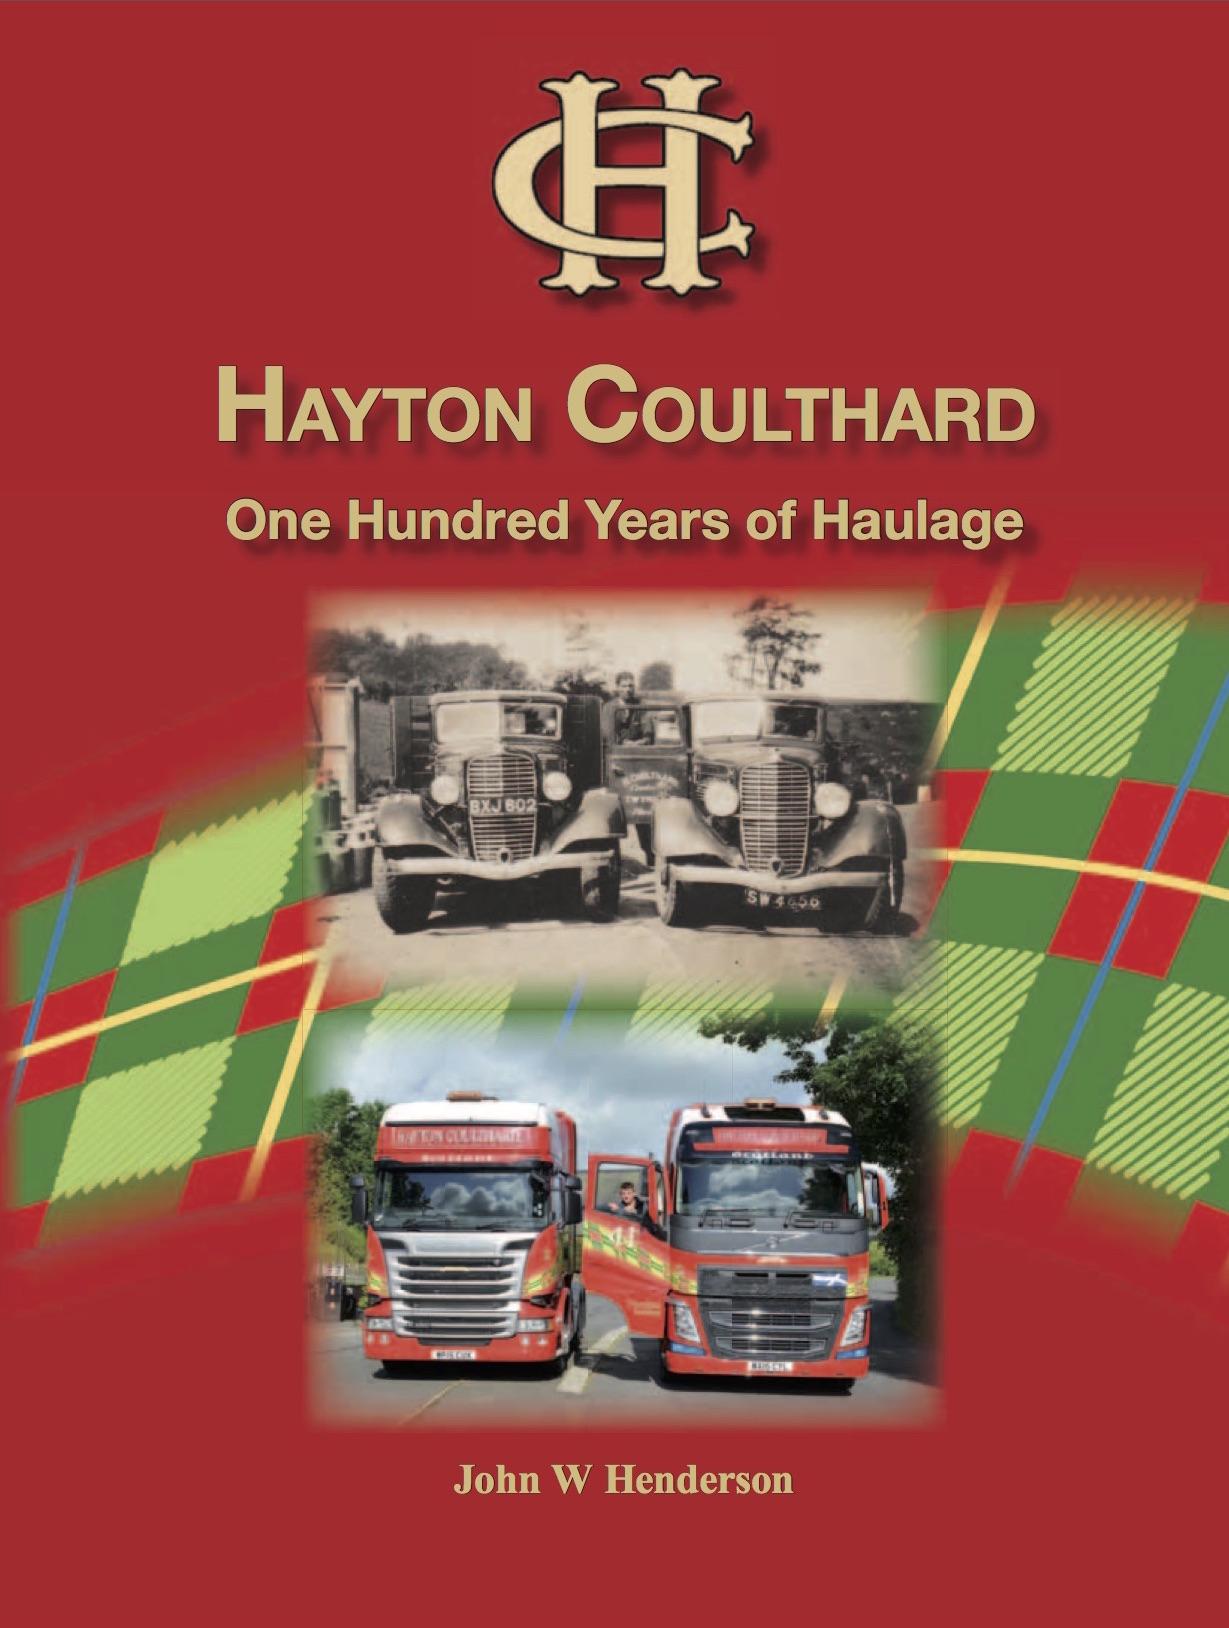 Hayton Coulthard - One Hundred Years of Haulage